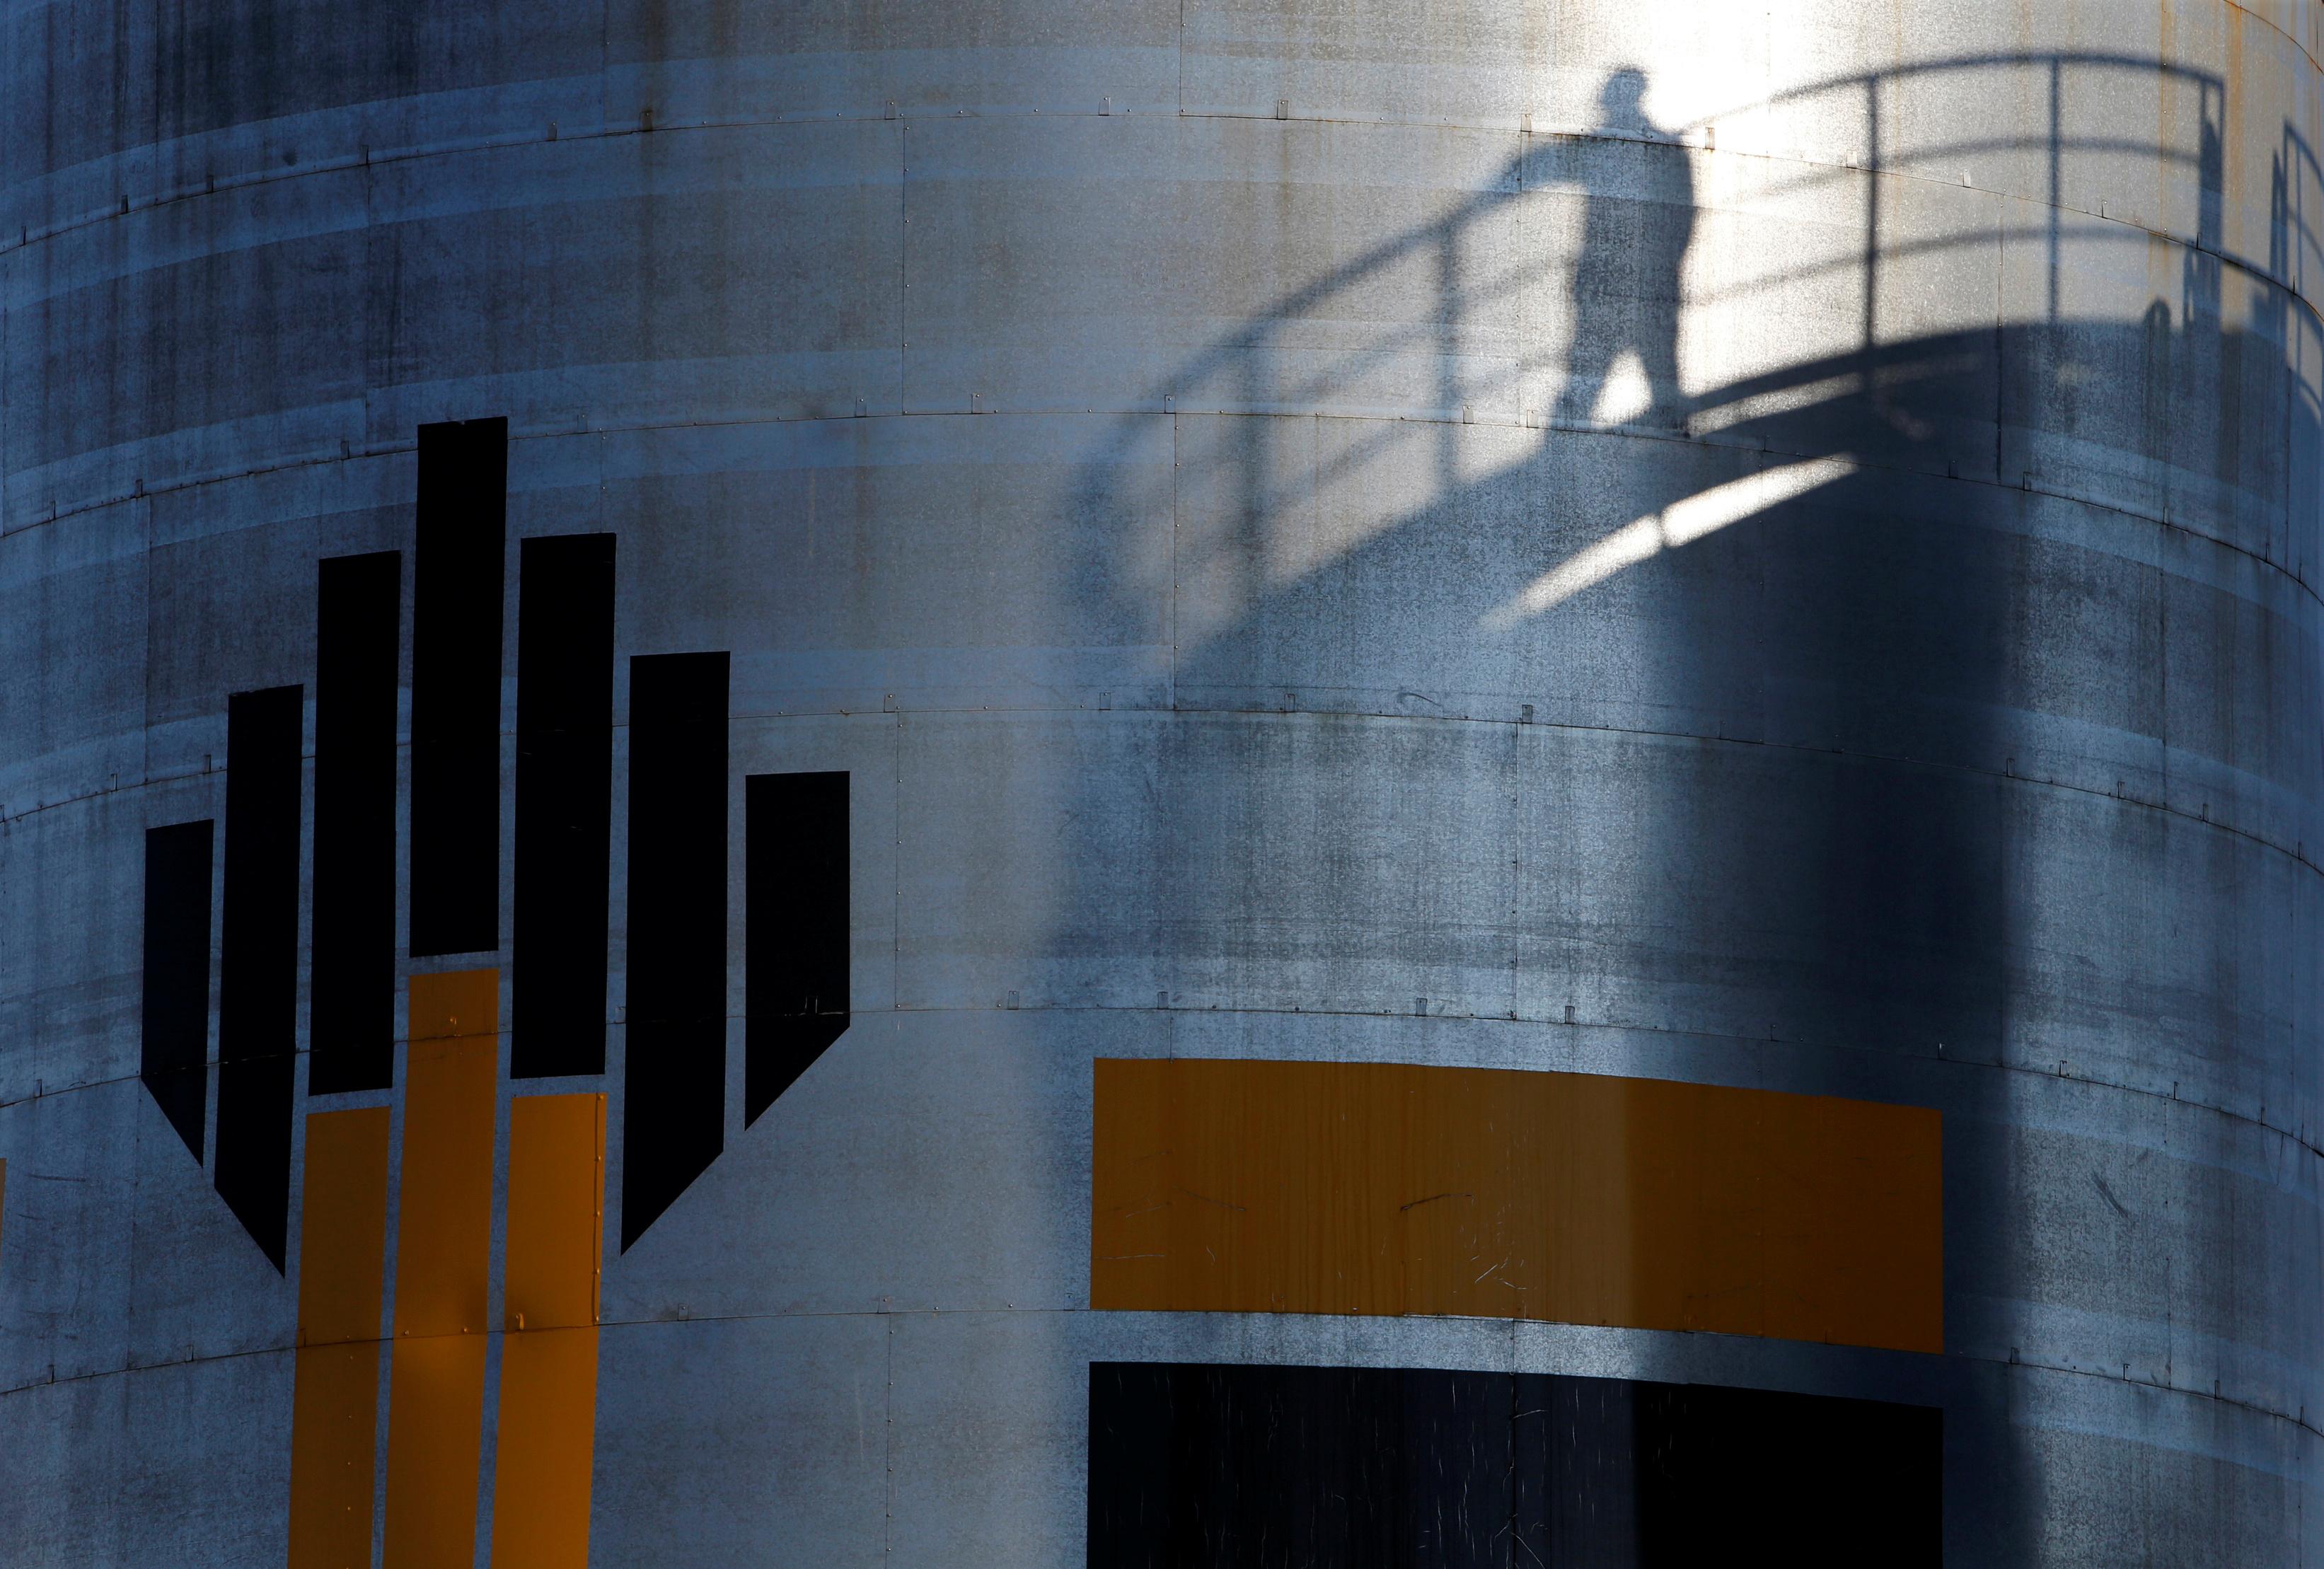 Китайская компания ведет переговоры о покупке доли в «Роснефти»